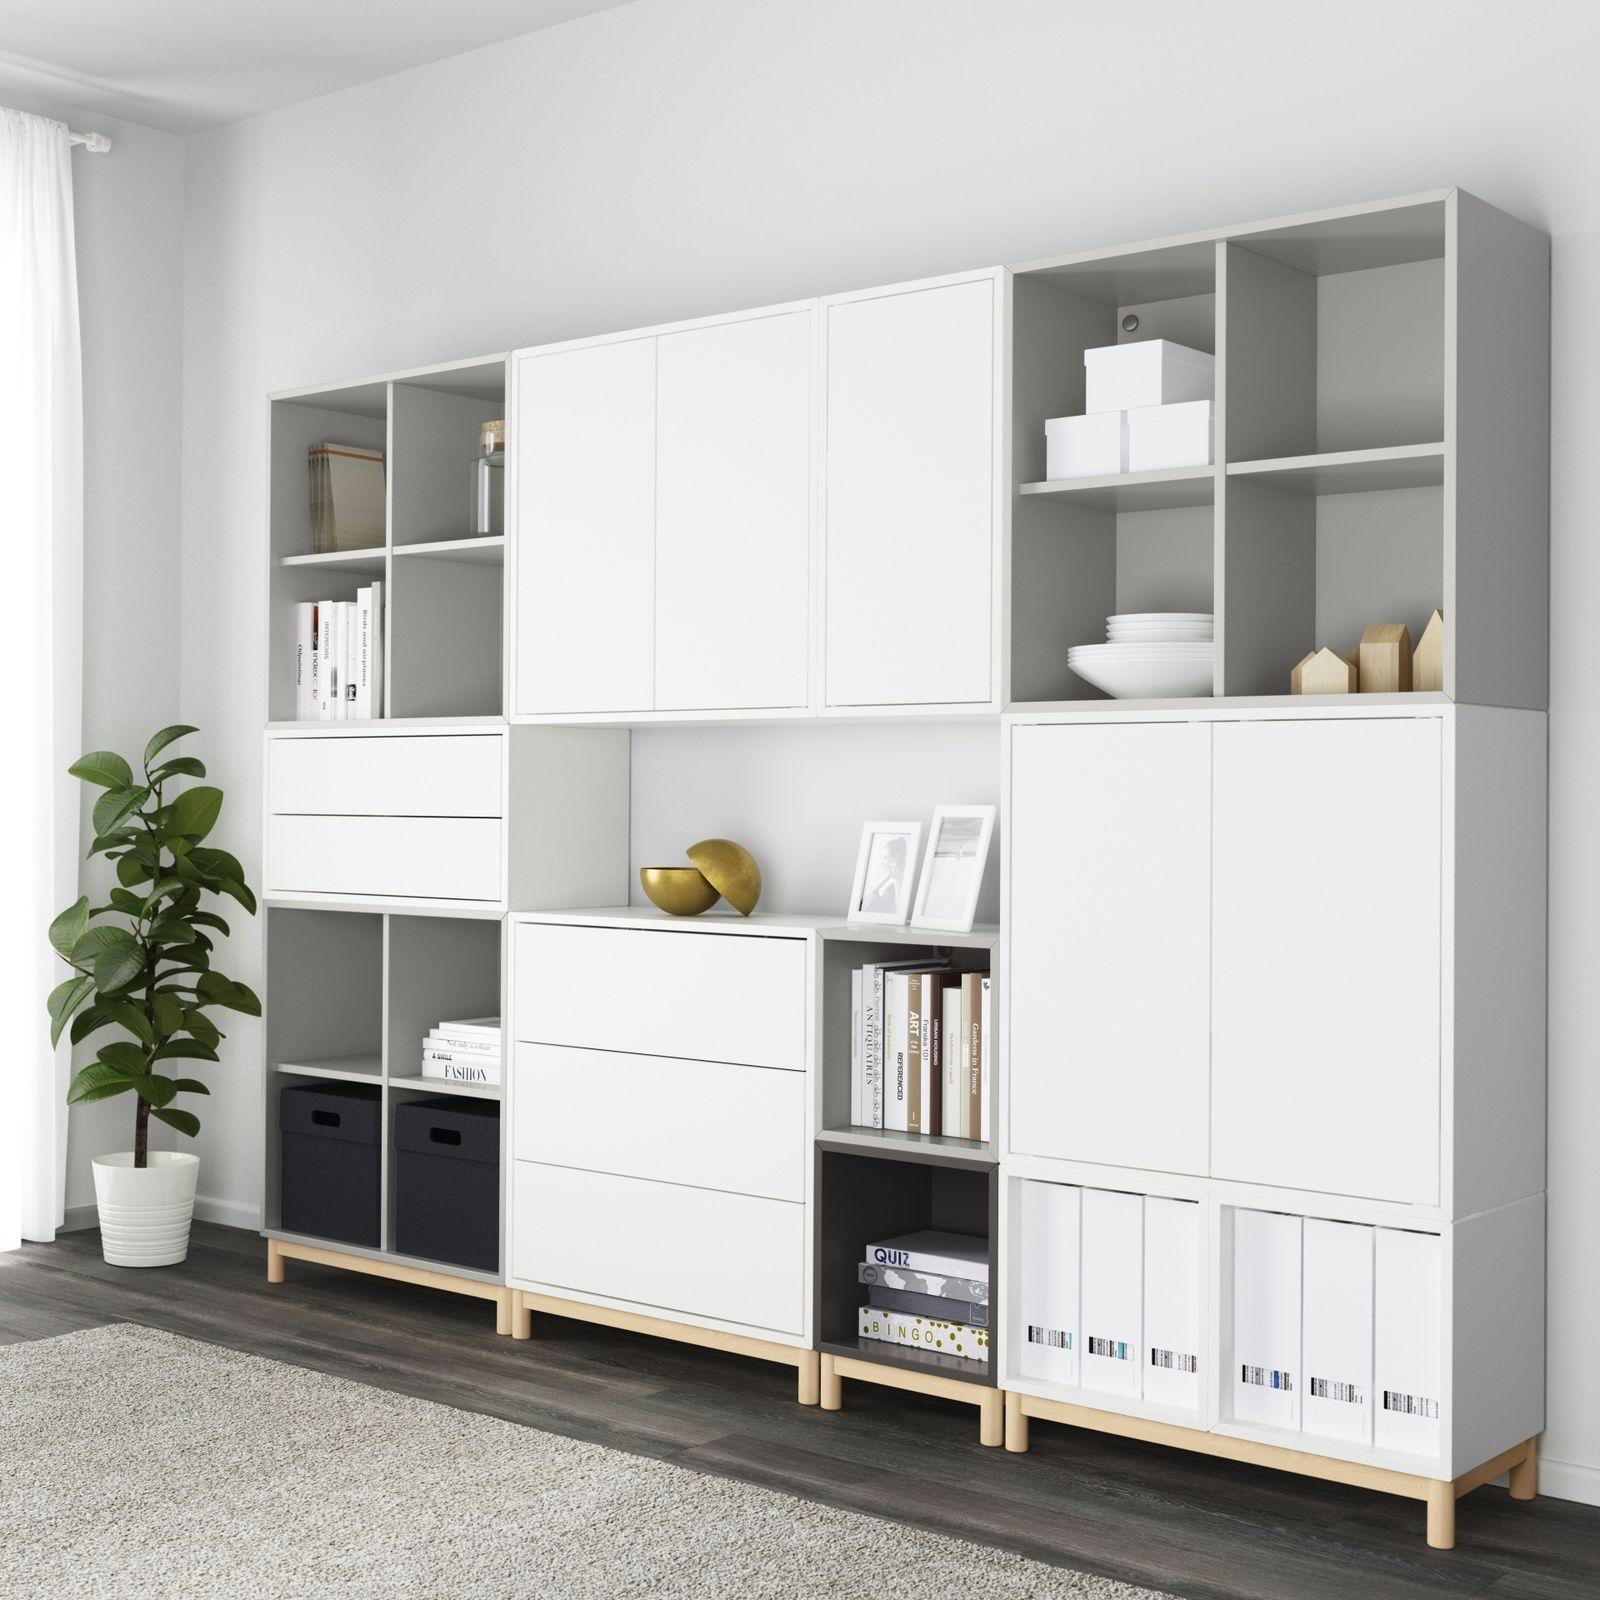 Album 23 Eket La Nouvelle Gamme De Chez Ikea Diy Bricolage  # Detourner Un Meuble Cd De Chez Ikea